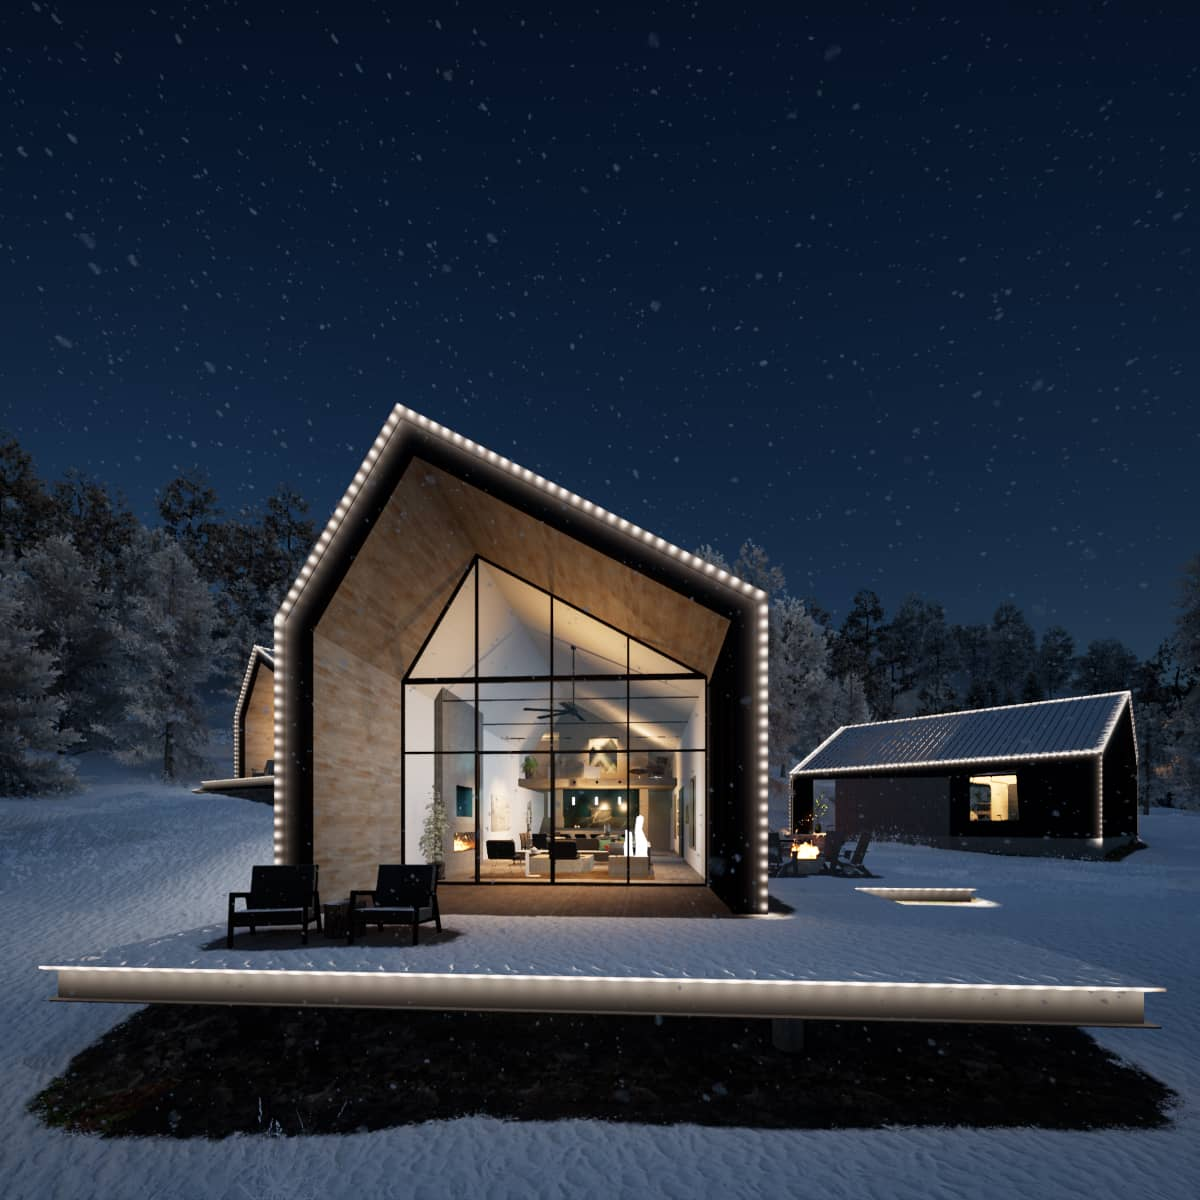 mountain_haus_winter_scene